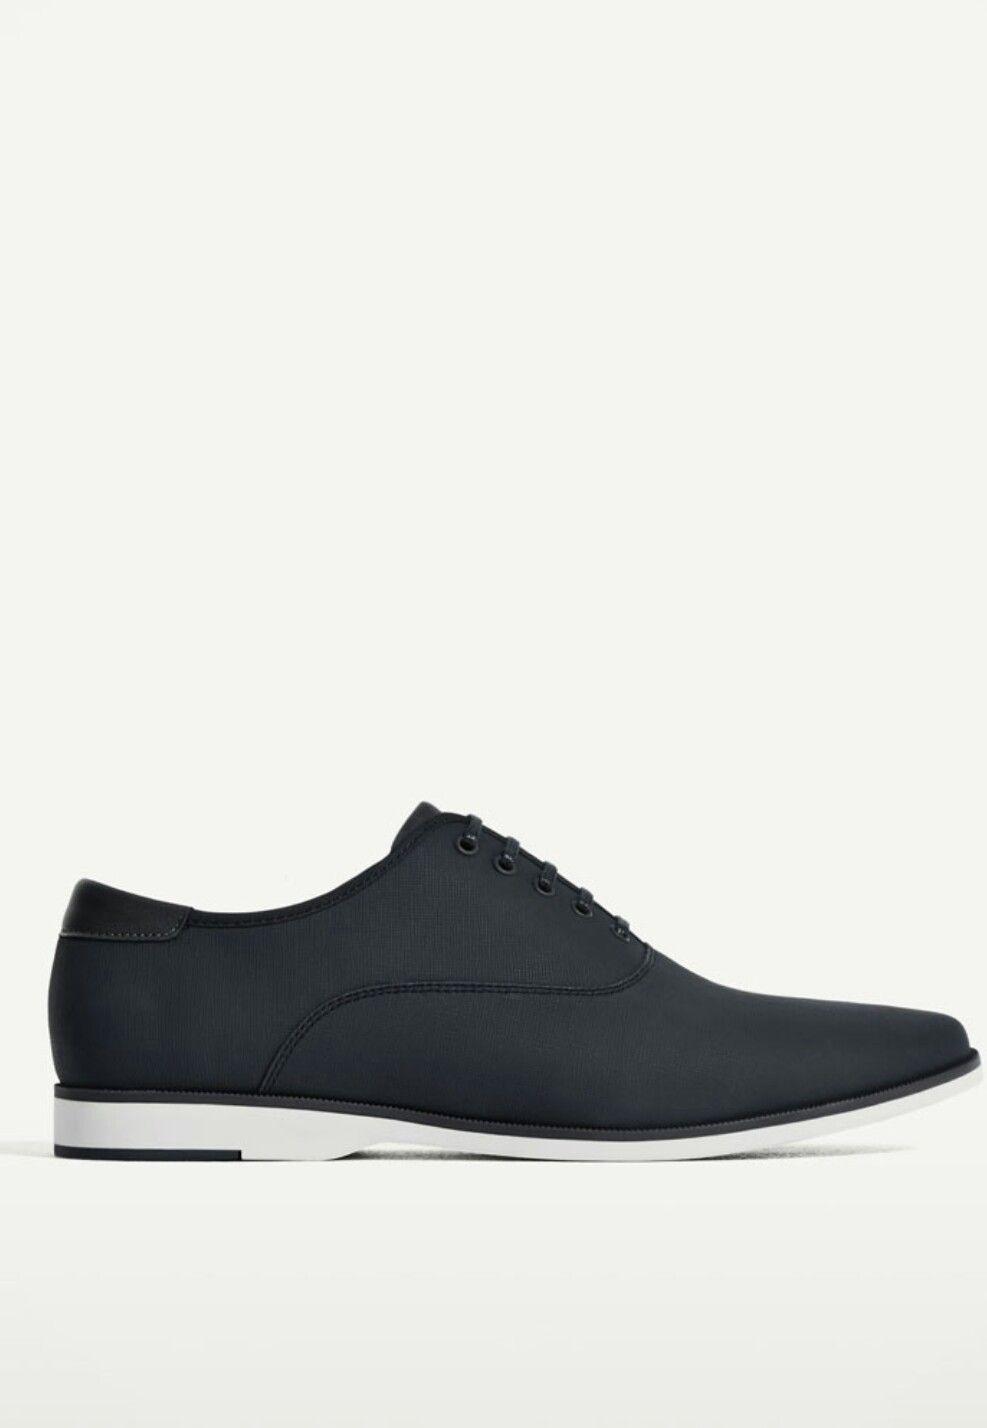 Zapatos blancos marineros Find para hombre uyJsx